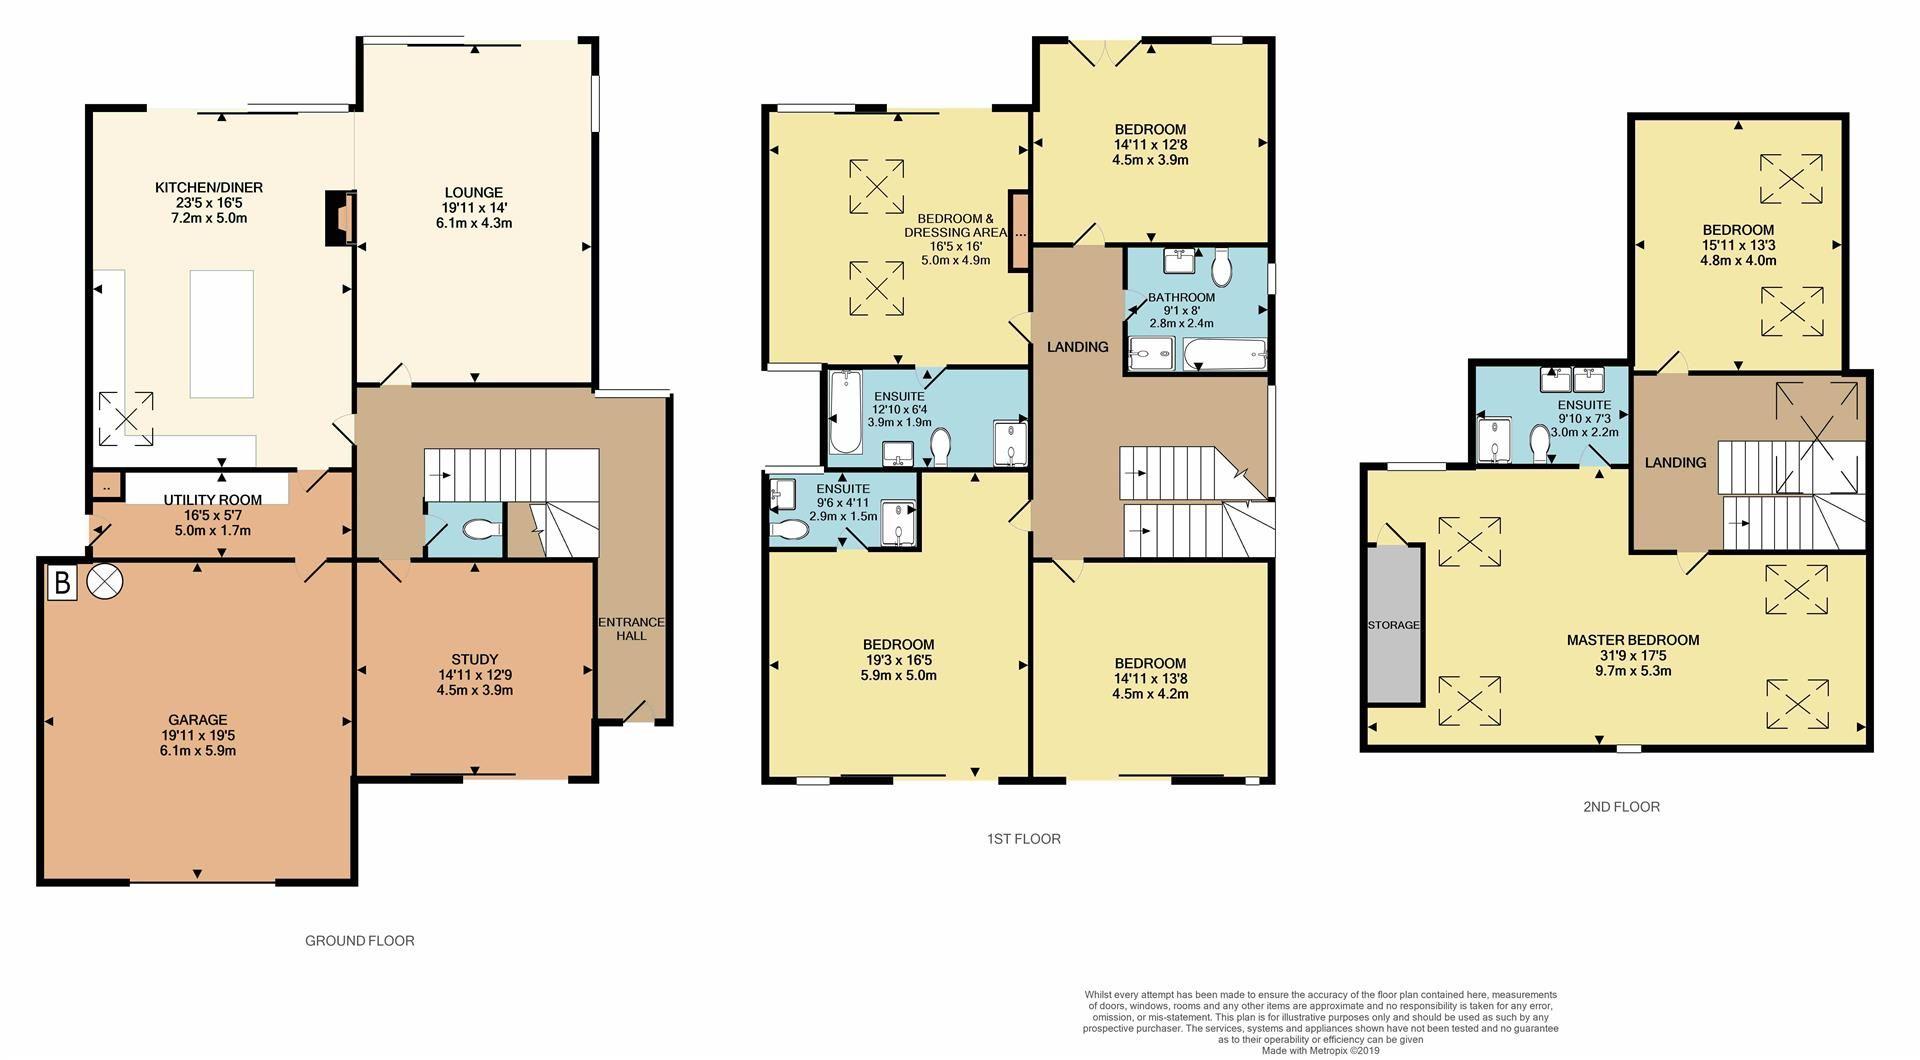 6 bed detached for sale - Property Floorplan